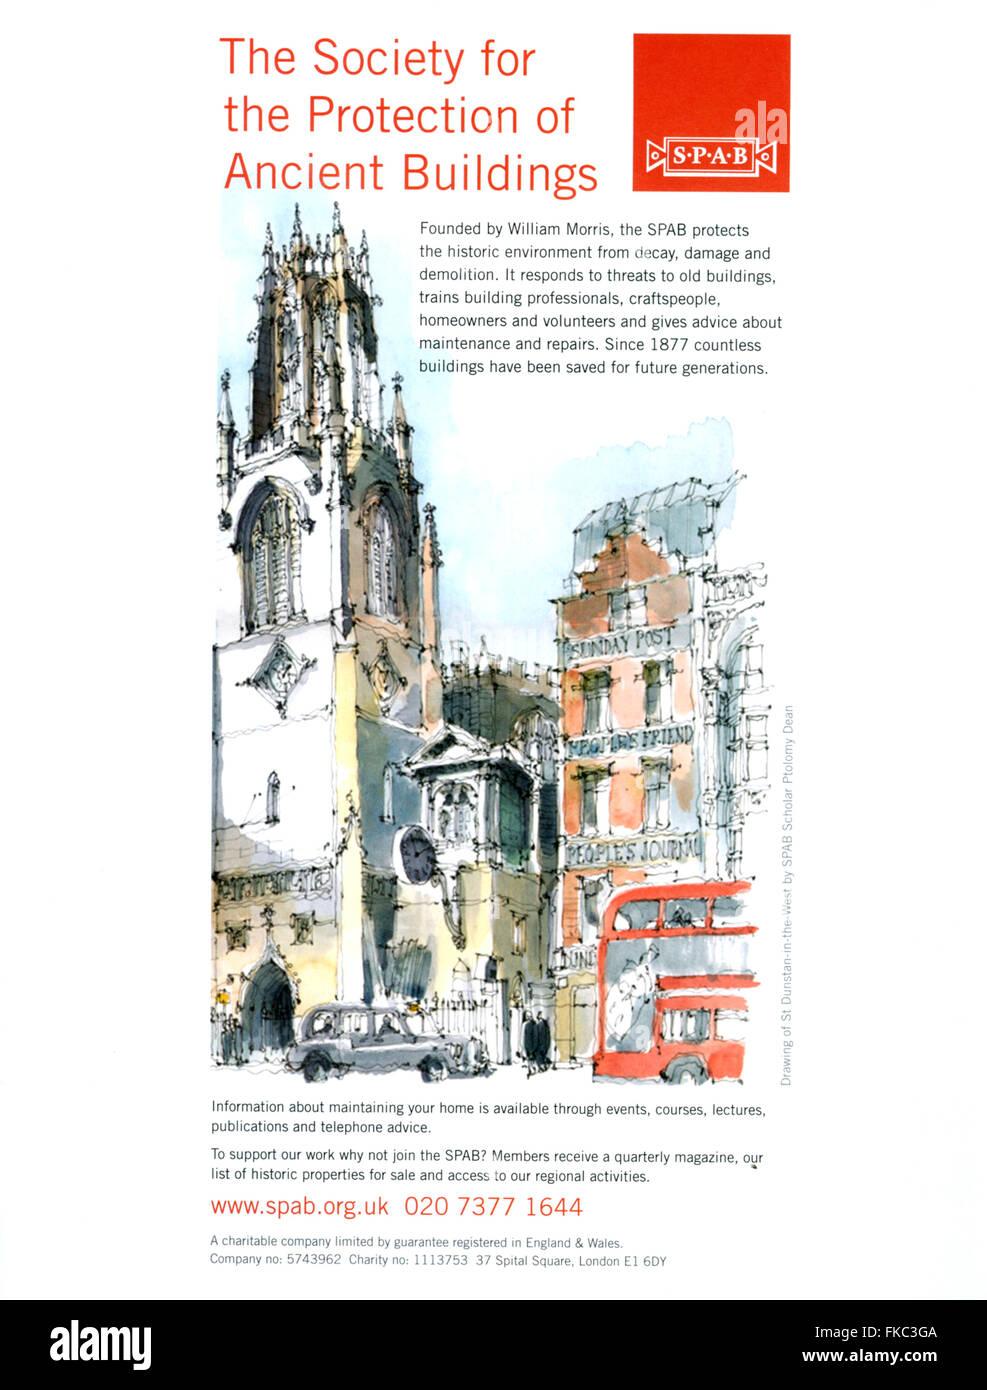 2010S UK la Società per la protezione delle costruzioni antiche Magazine annuncio pubblicitario Immagini Stock